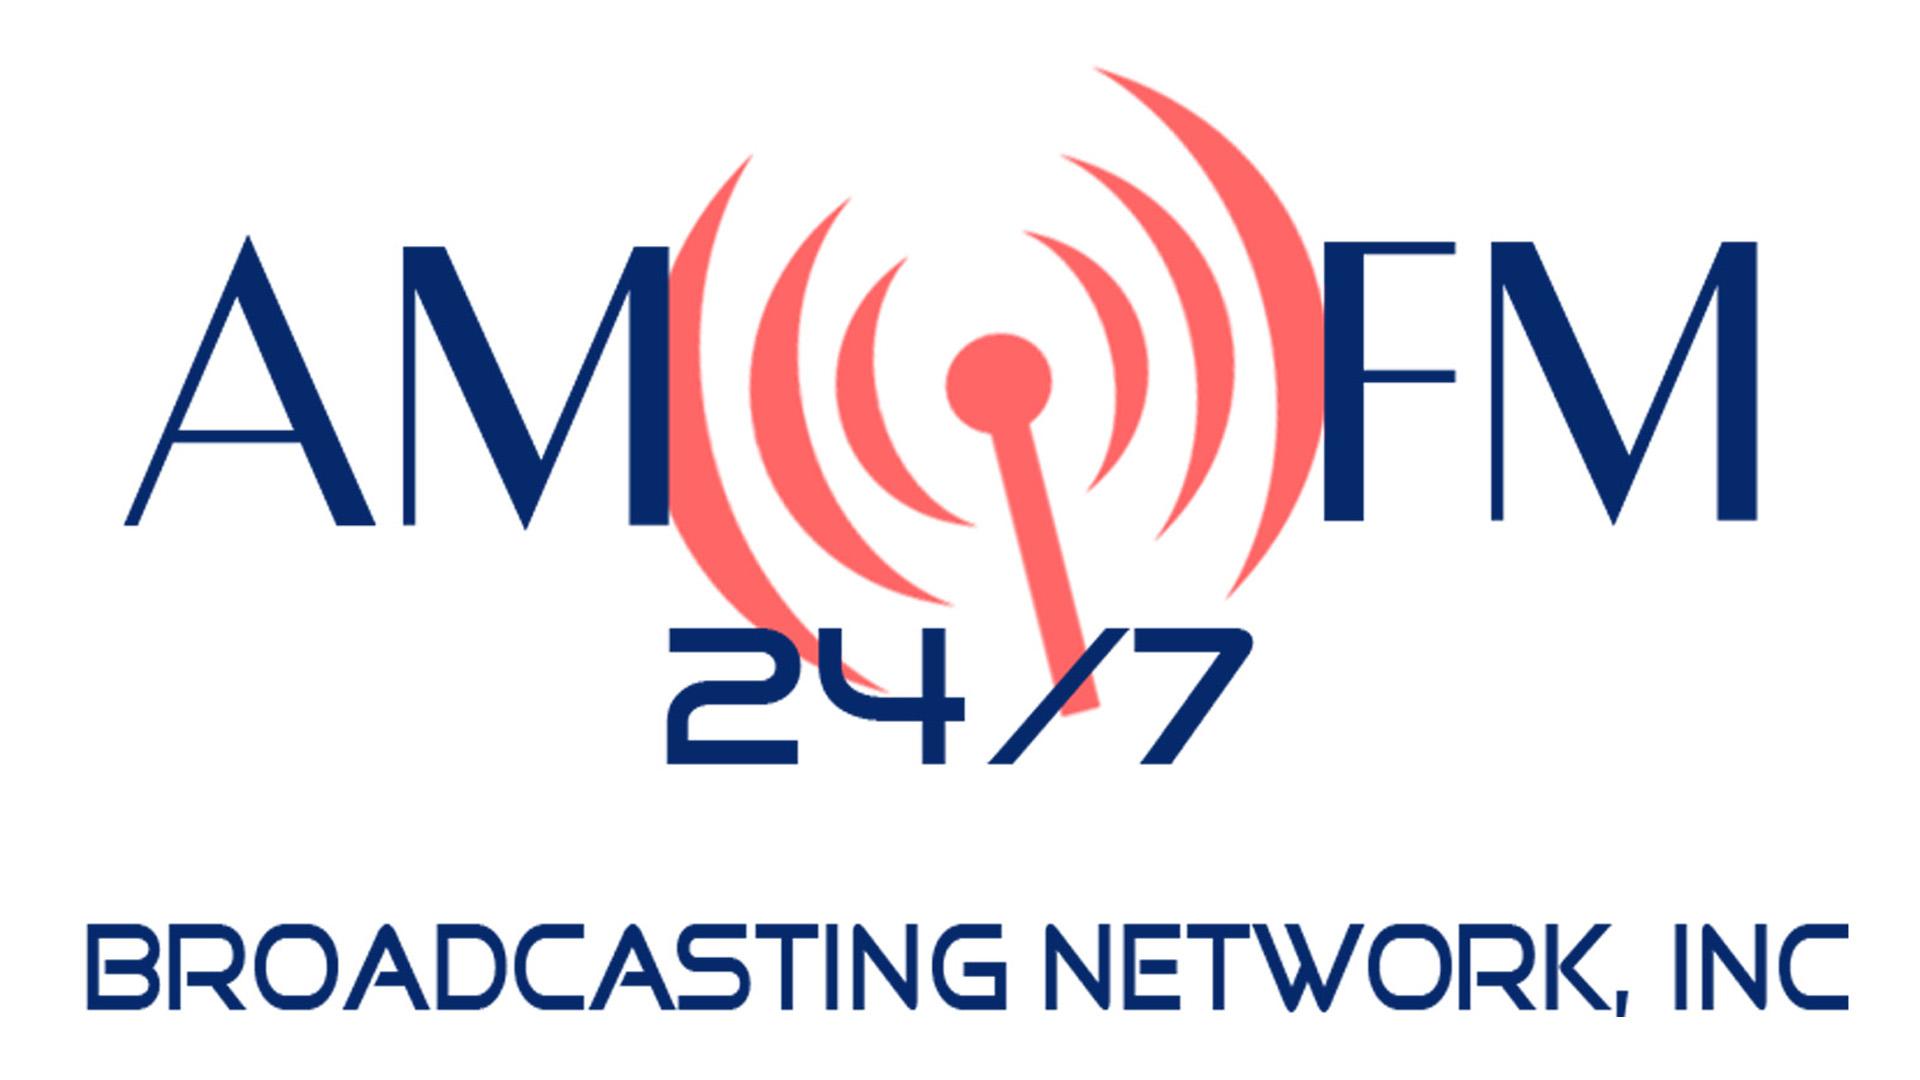 WAMF-DB 92.1 FM